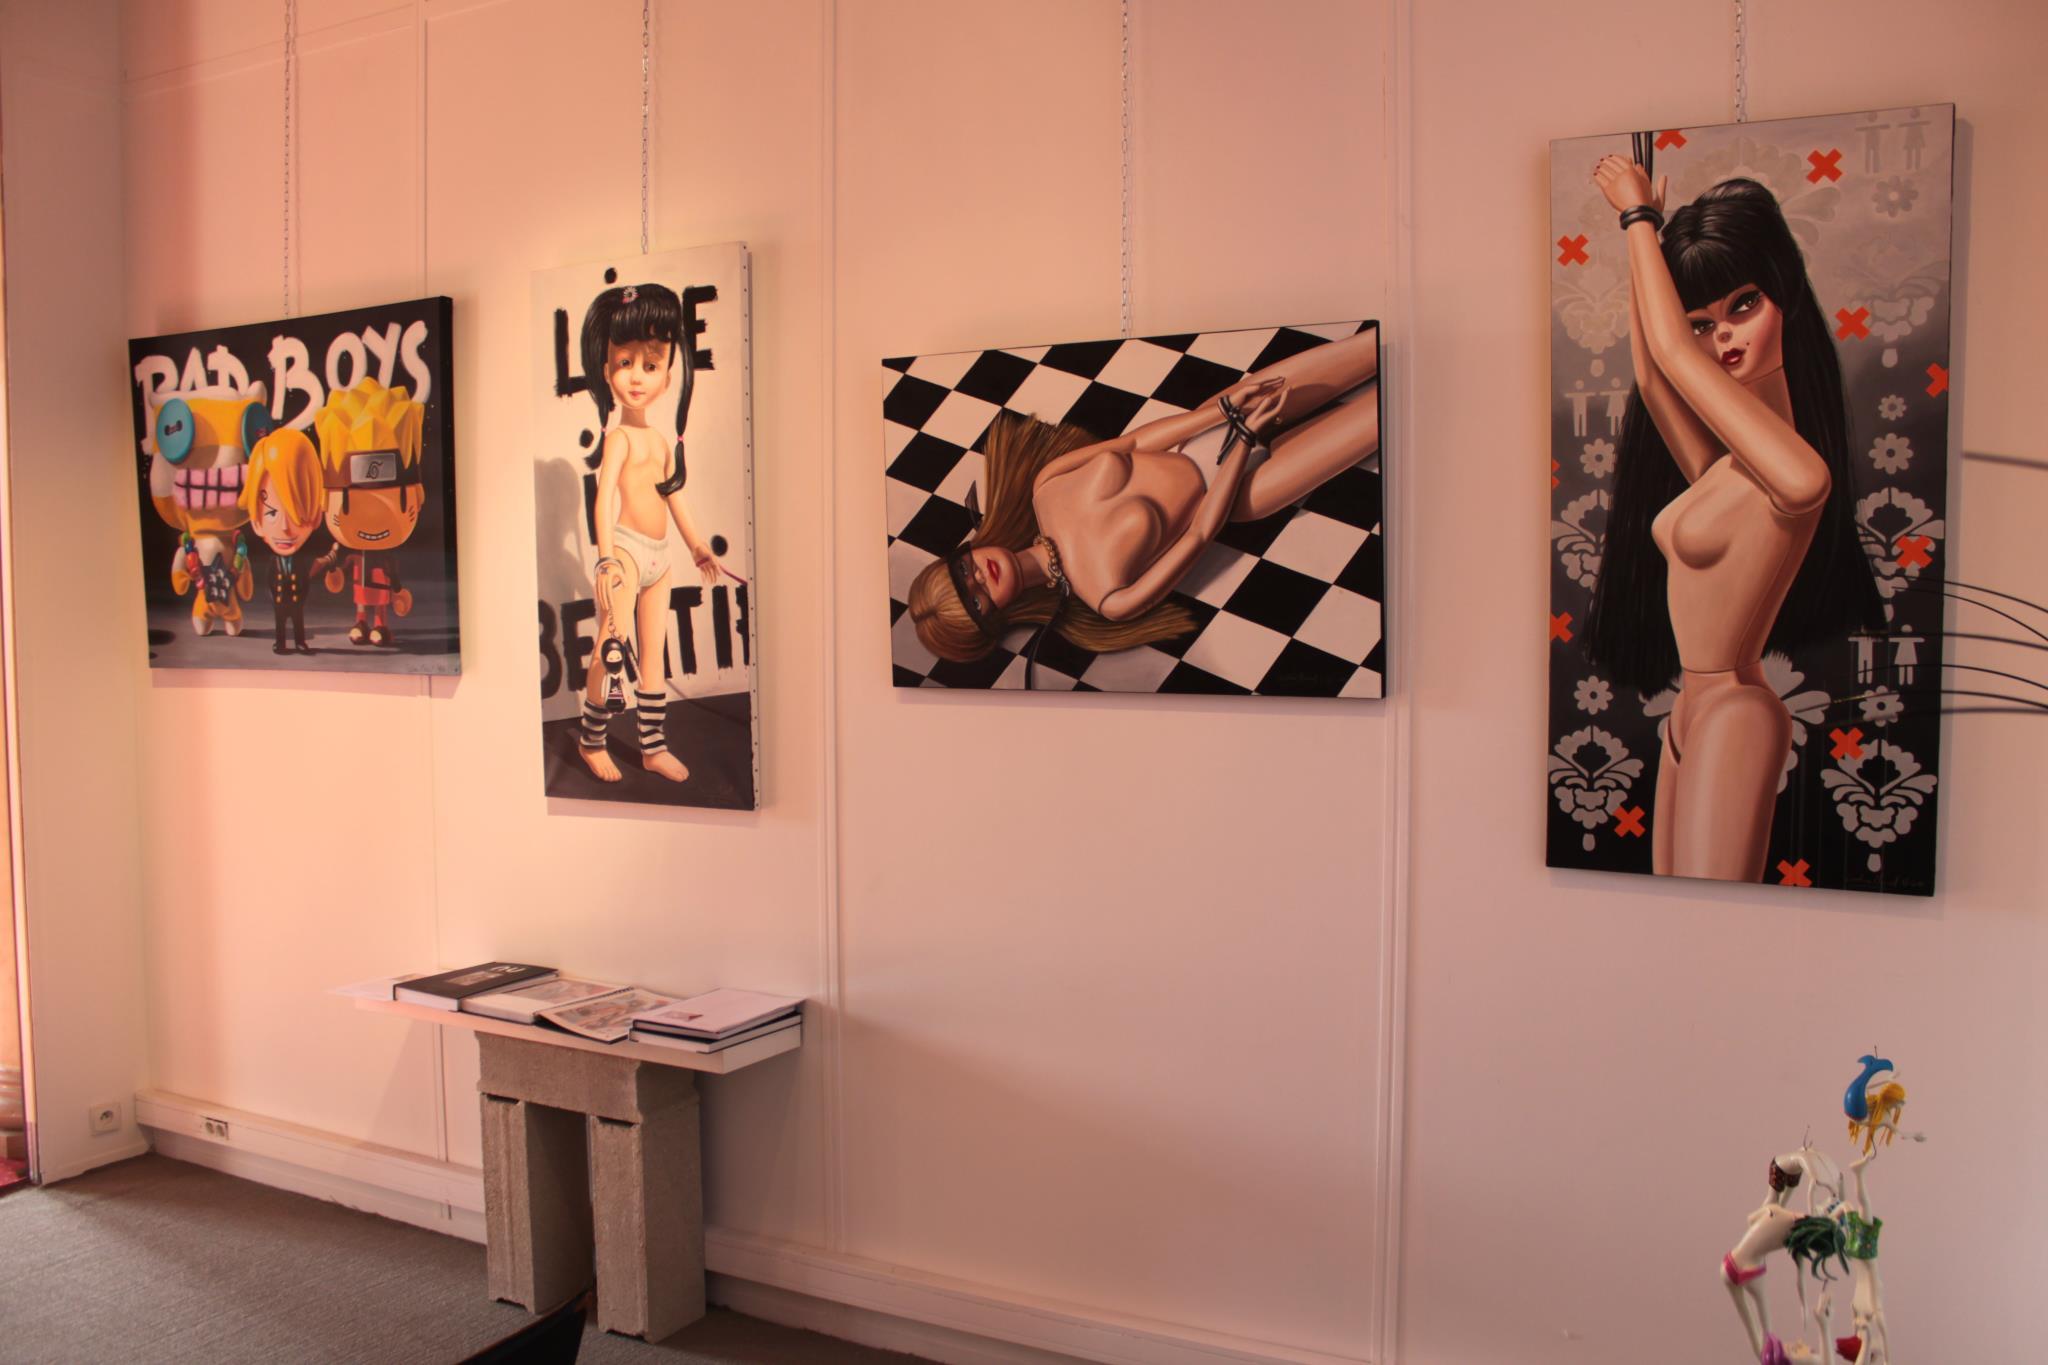 galerie 17.arts